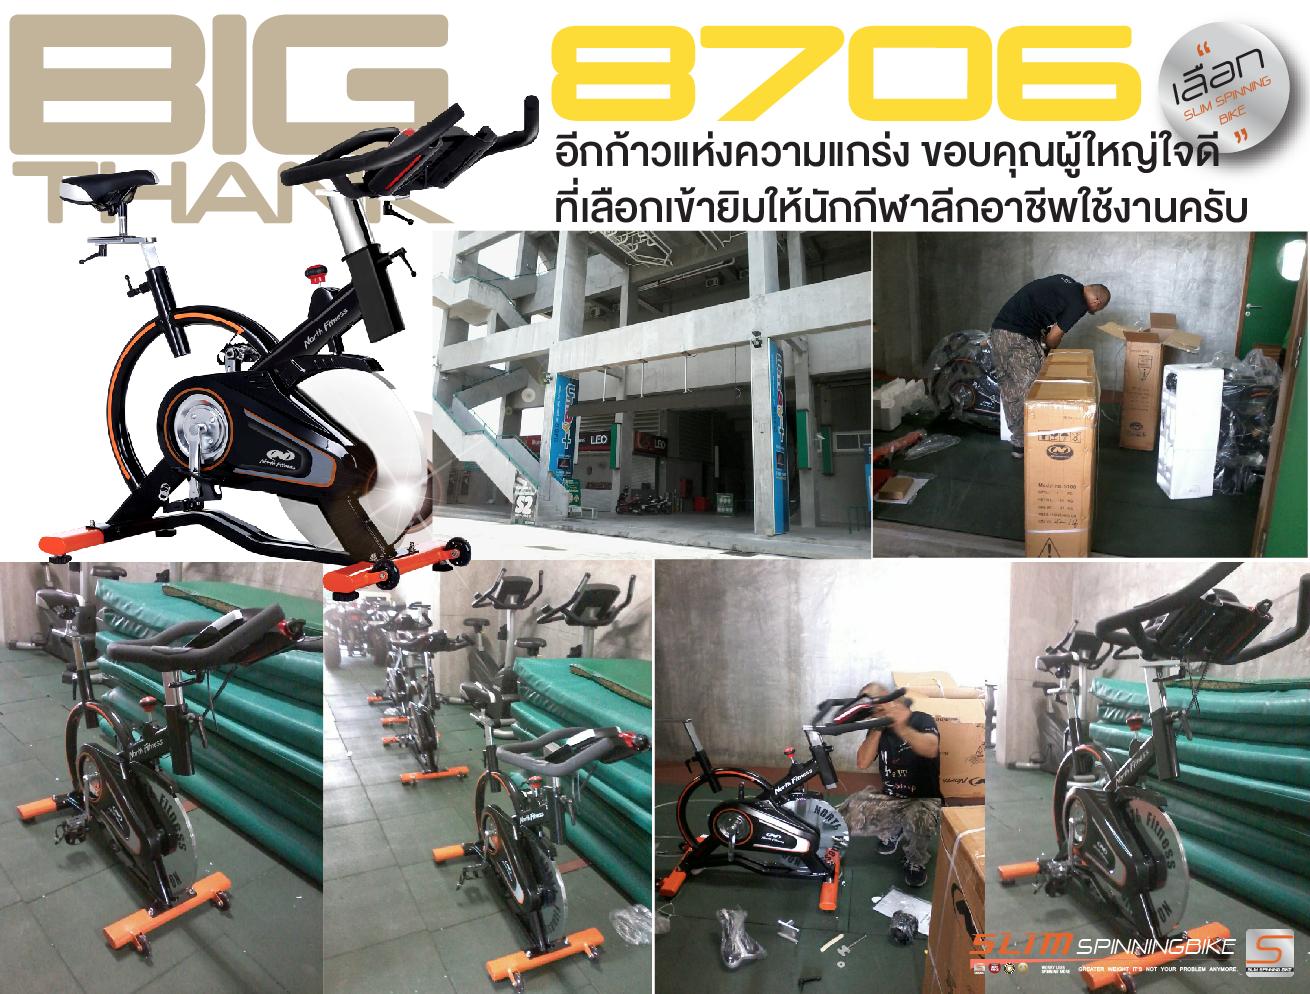 เครื่องปั่นจักรยานออกกำลังกาย เครื่องออกกำลังกาย